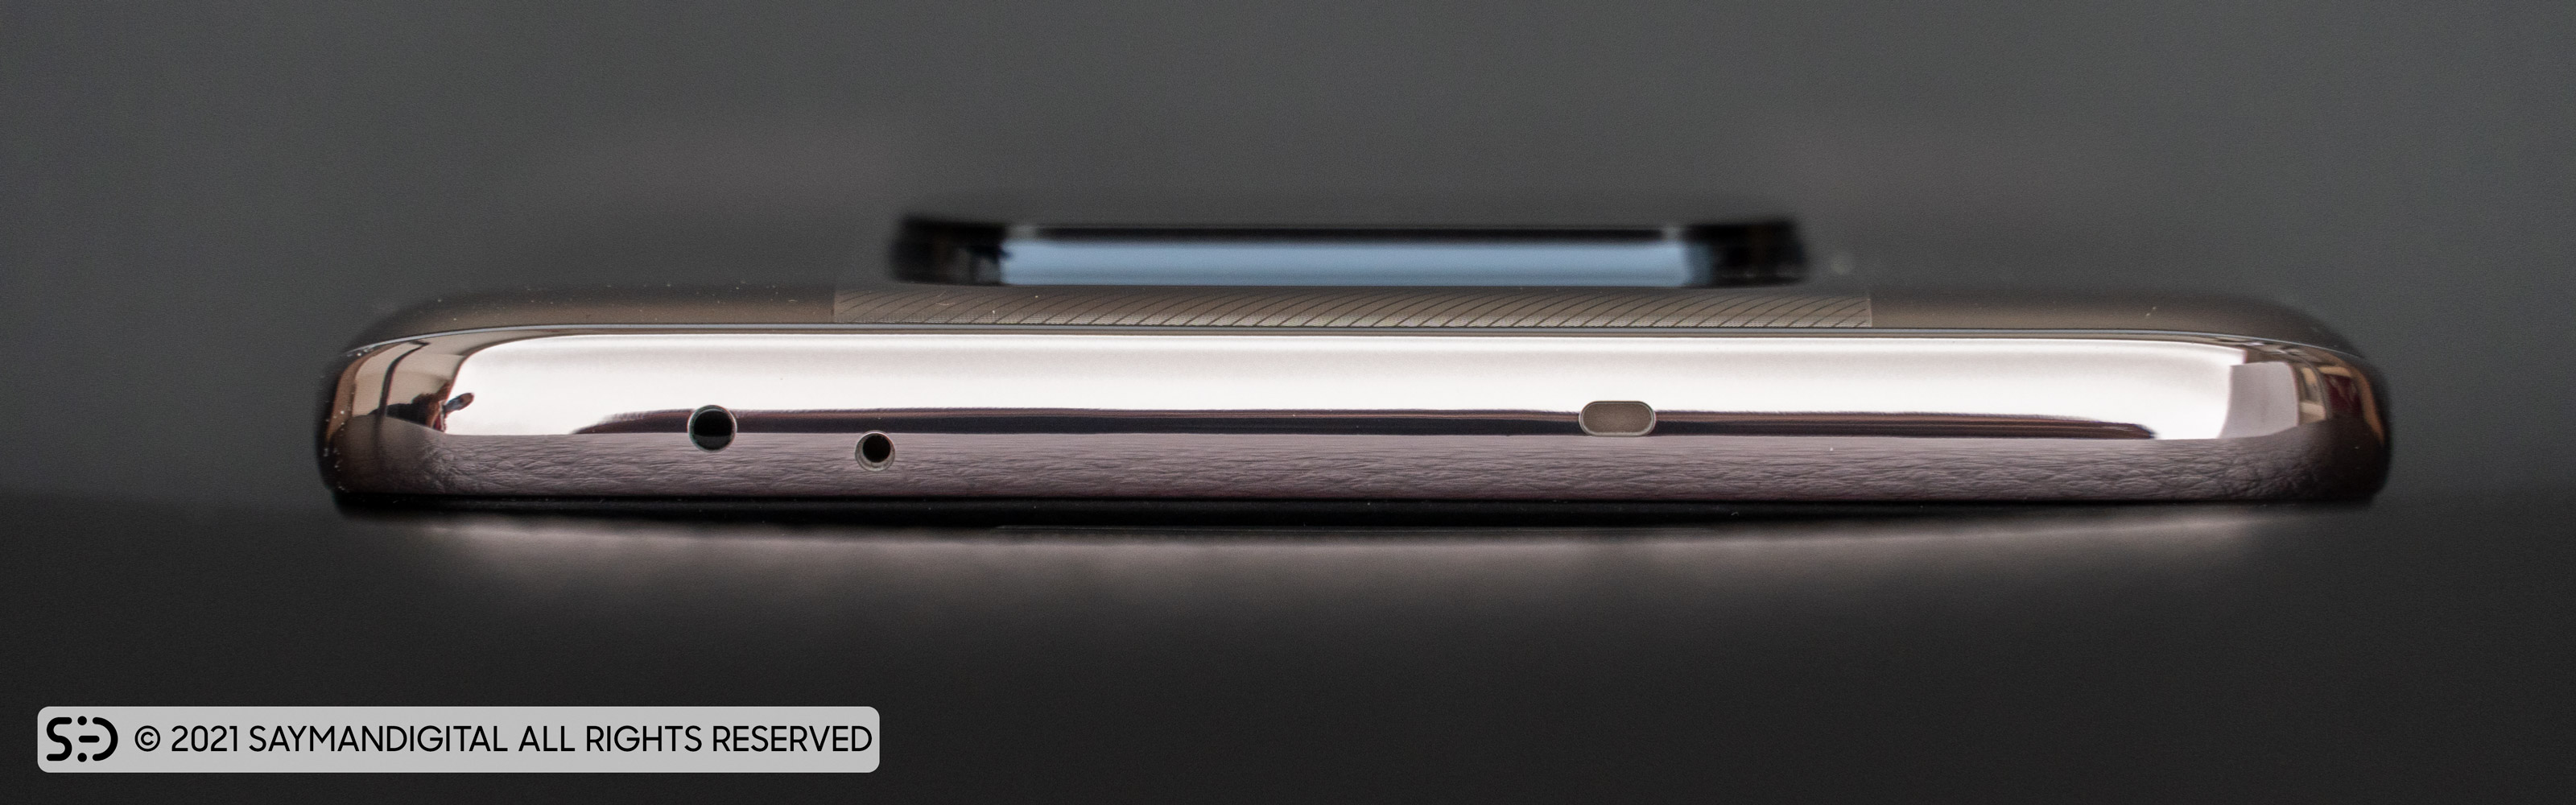 طراحی براق فریم گوشی و لبهی بالایی در مطلب بررسی poco x3 pro